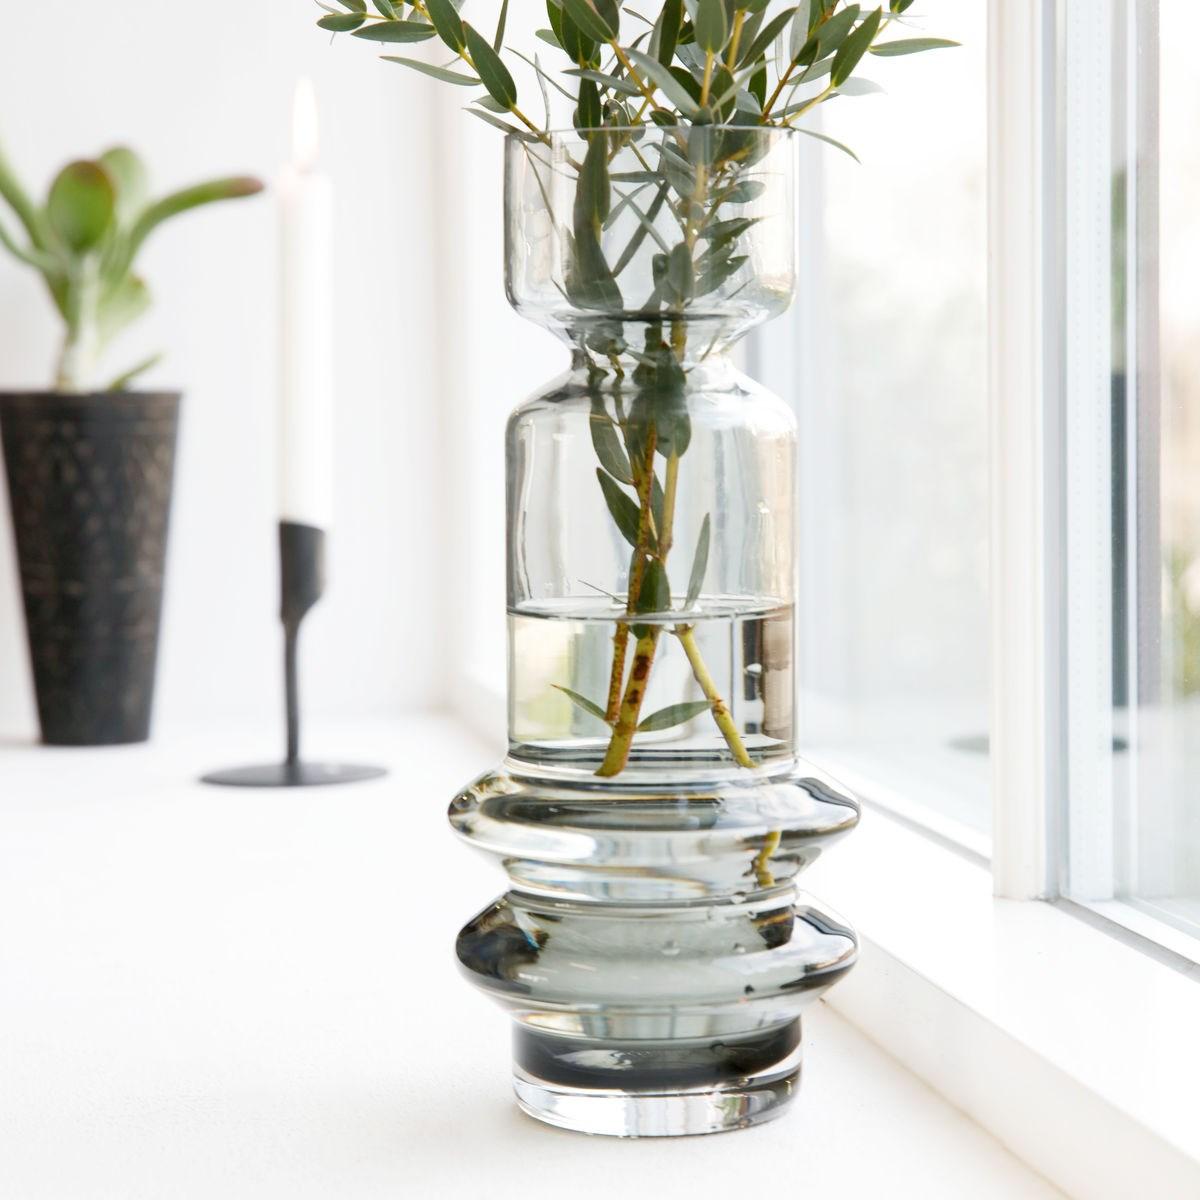 Skleněná váza SAPA kouřově šedá_3